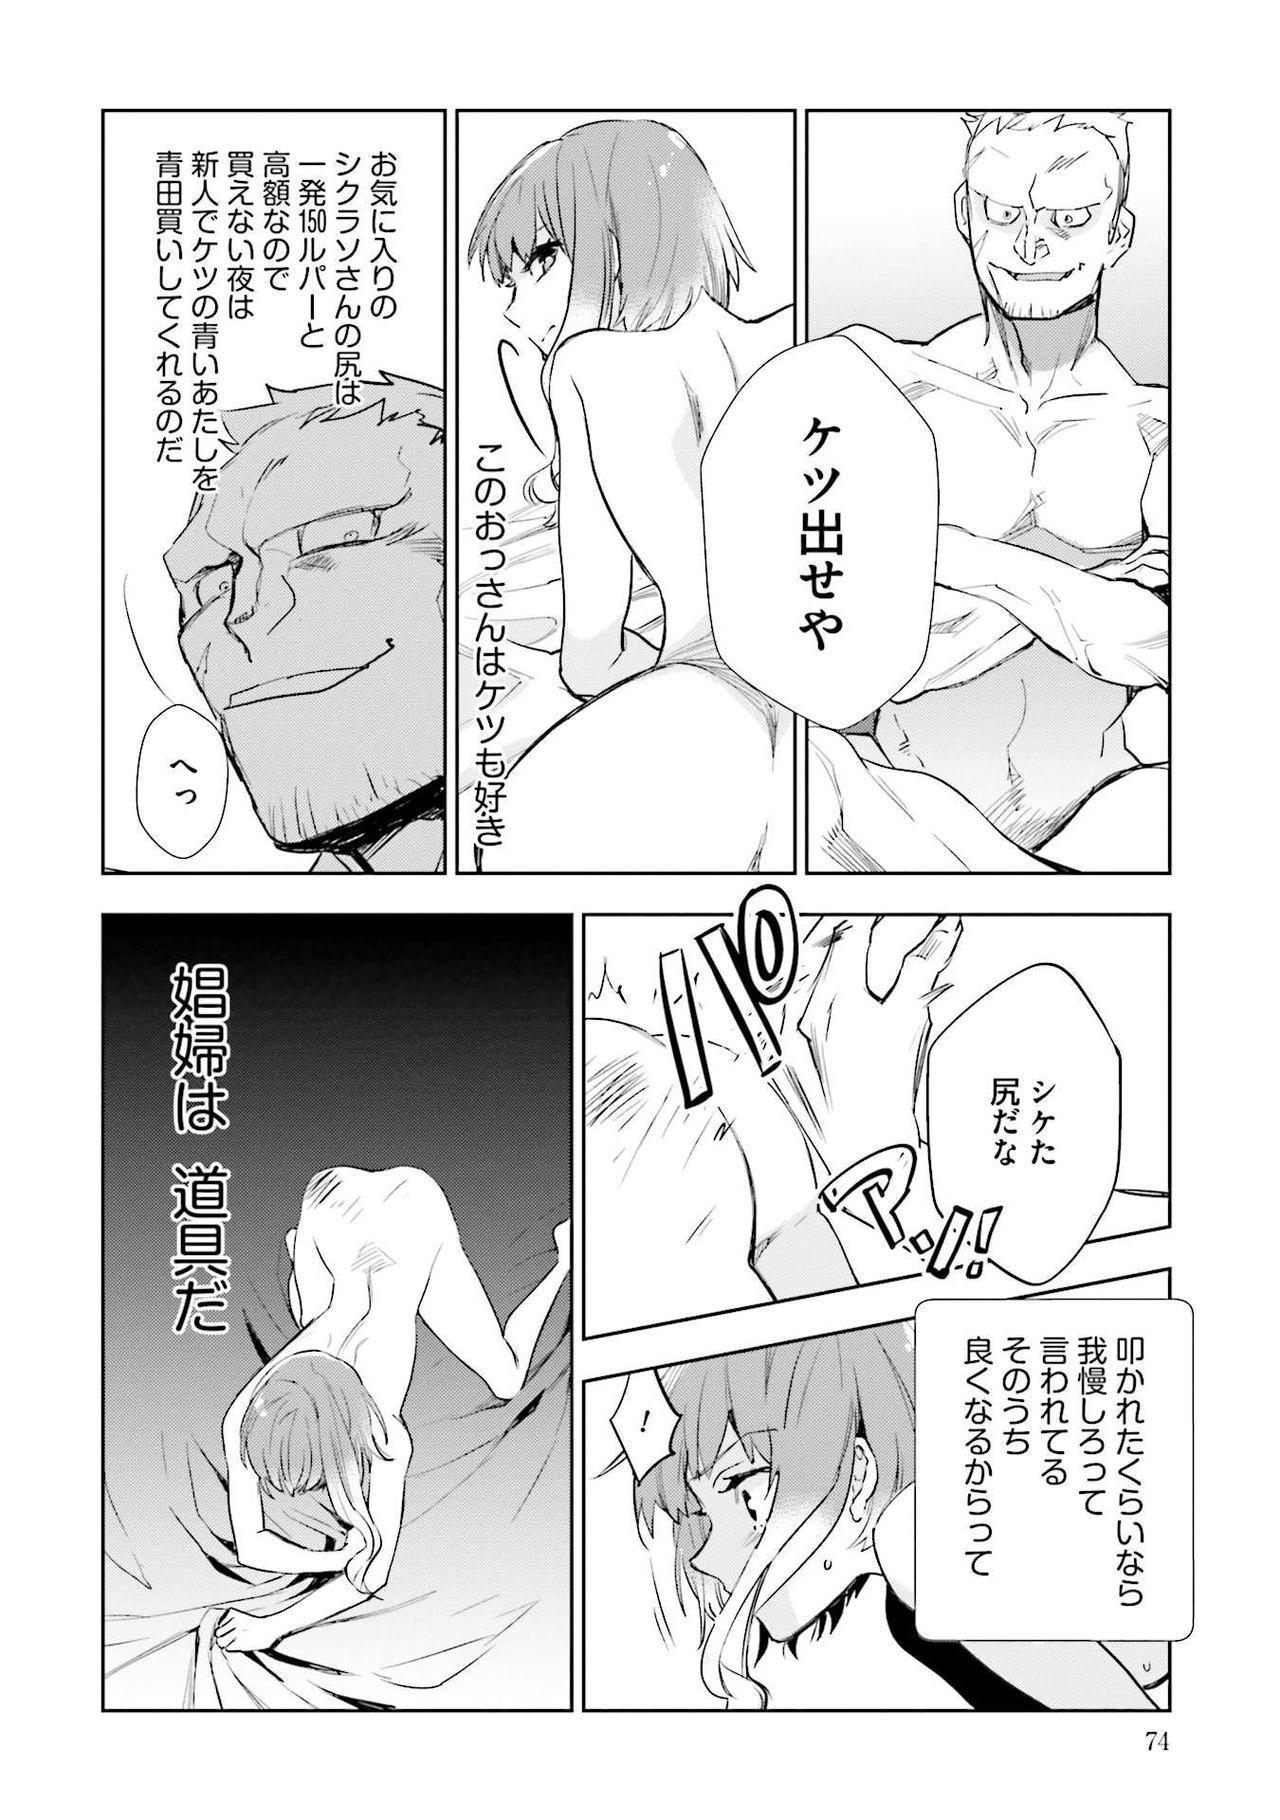 JK Haru wa Isekai de Shoufu ni Natta 1-14 75